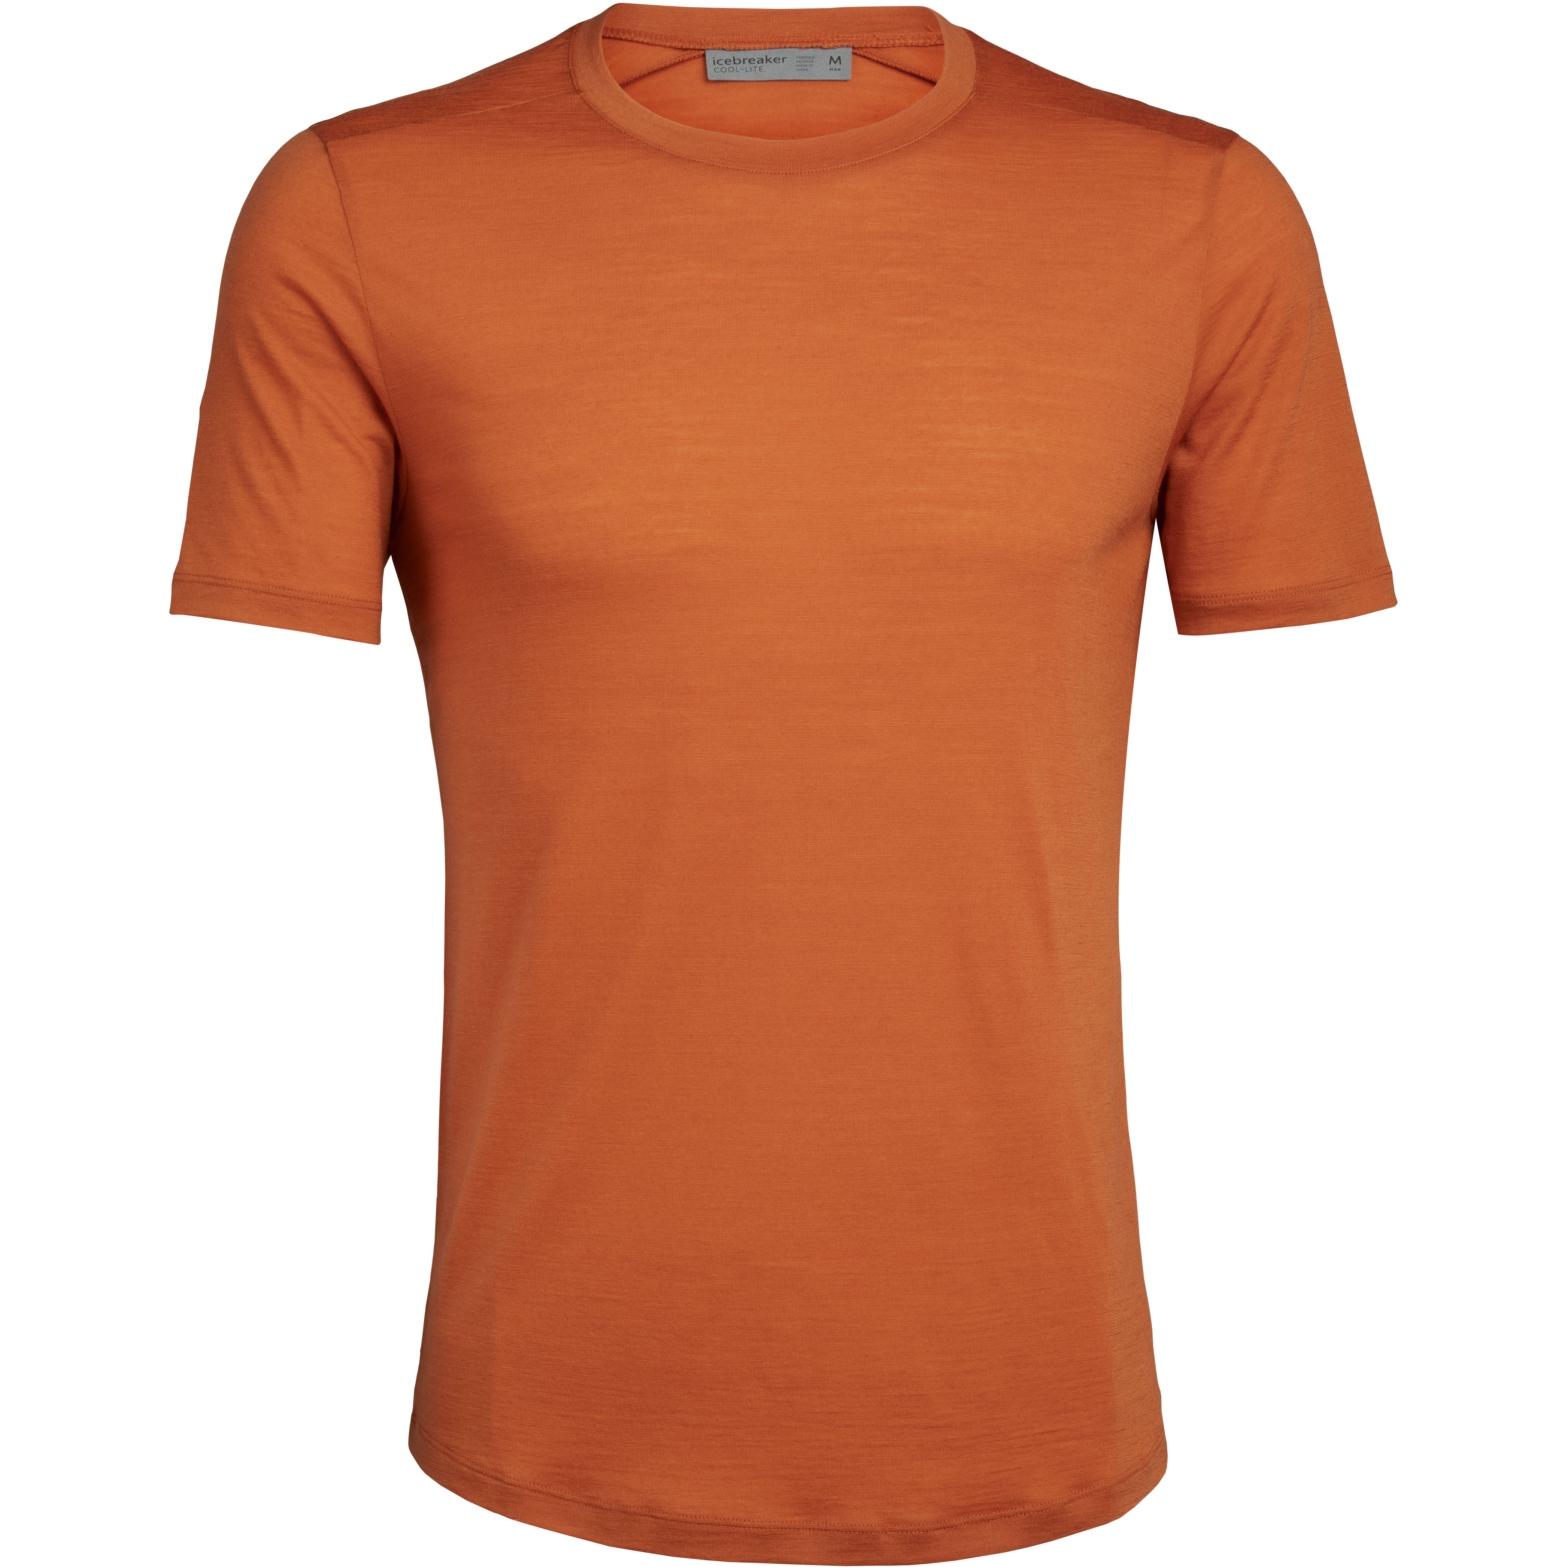 Icebreaker Sphere Crewe Herren T-Shirt - Spice